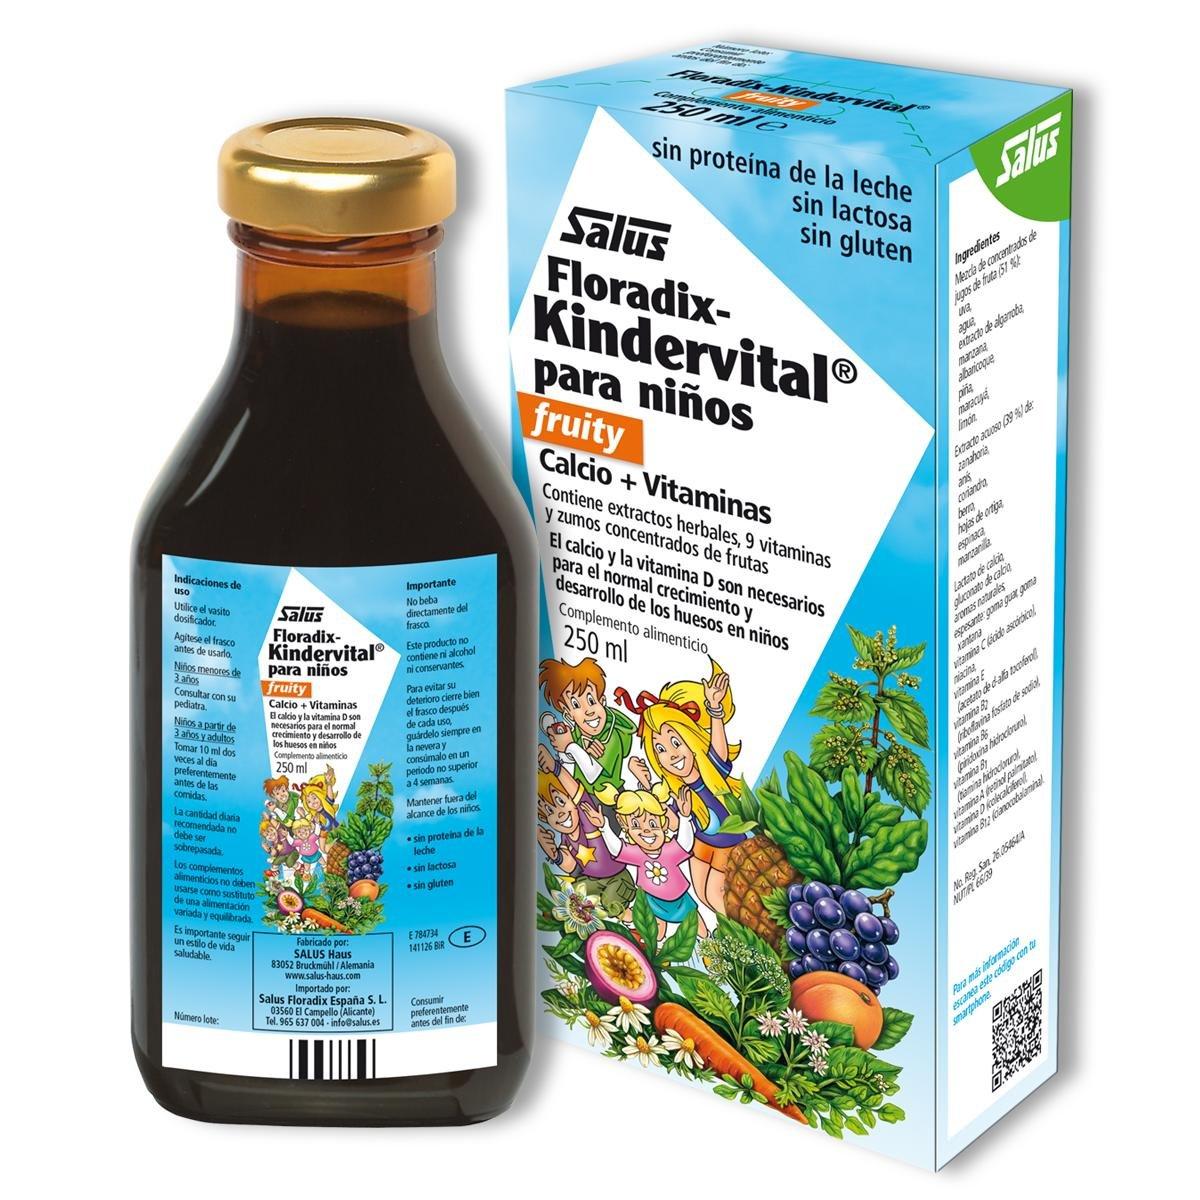 Floradix Kindervital para niños Salus, 250 ml: Amazon.es: Belleza